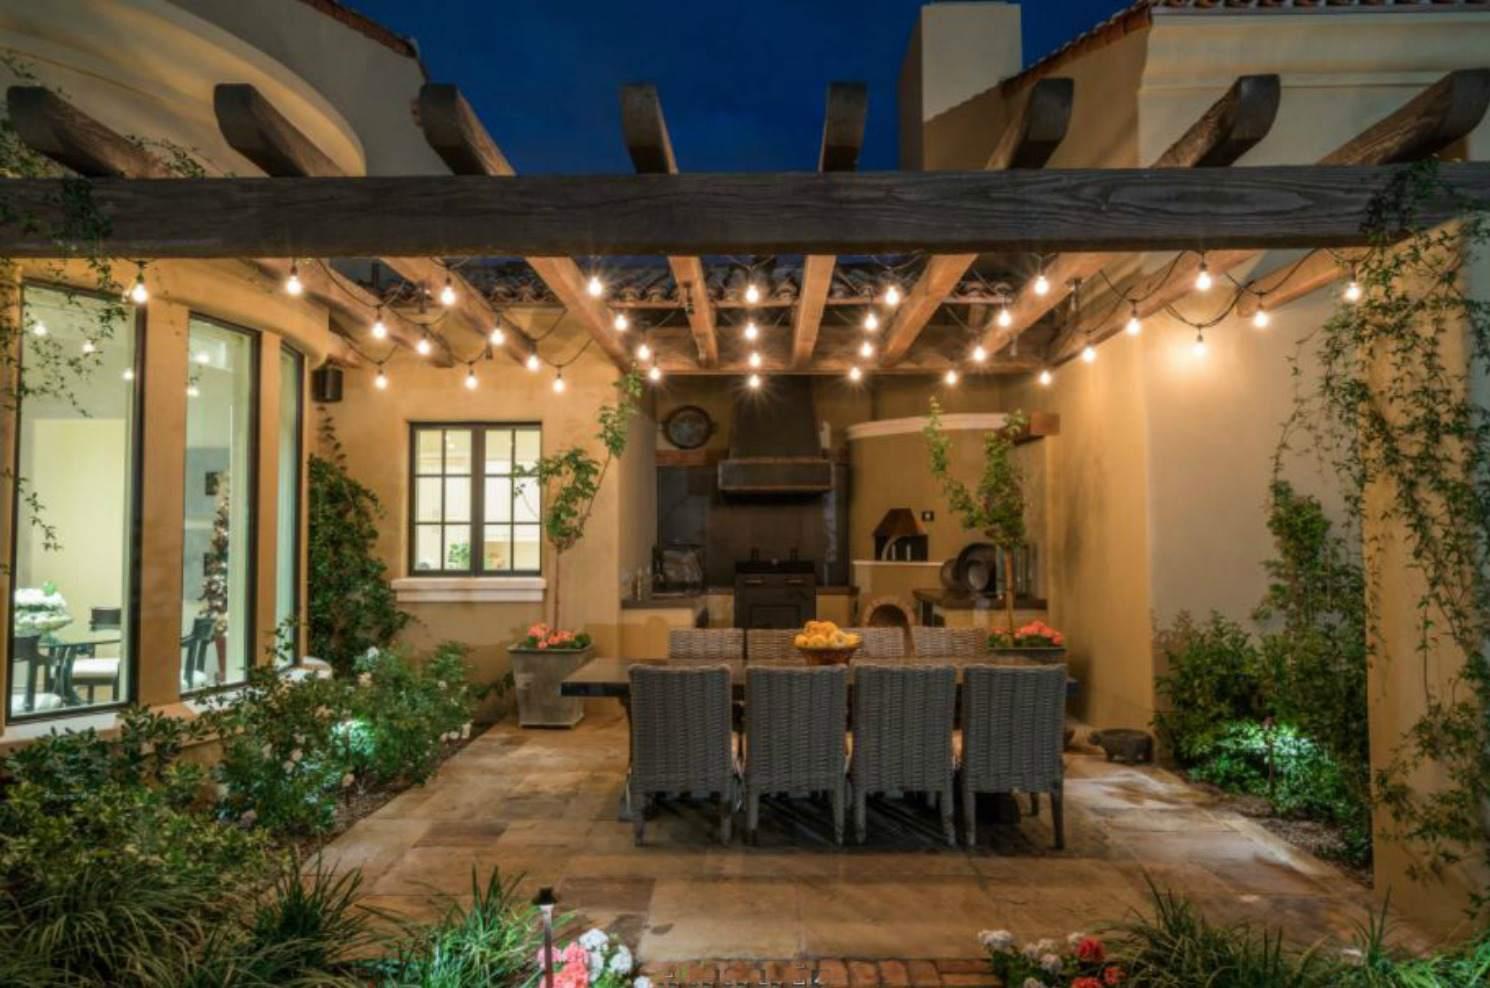 Southwestern-style pergola and patio